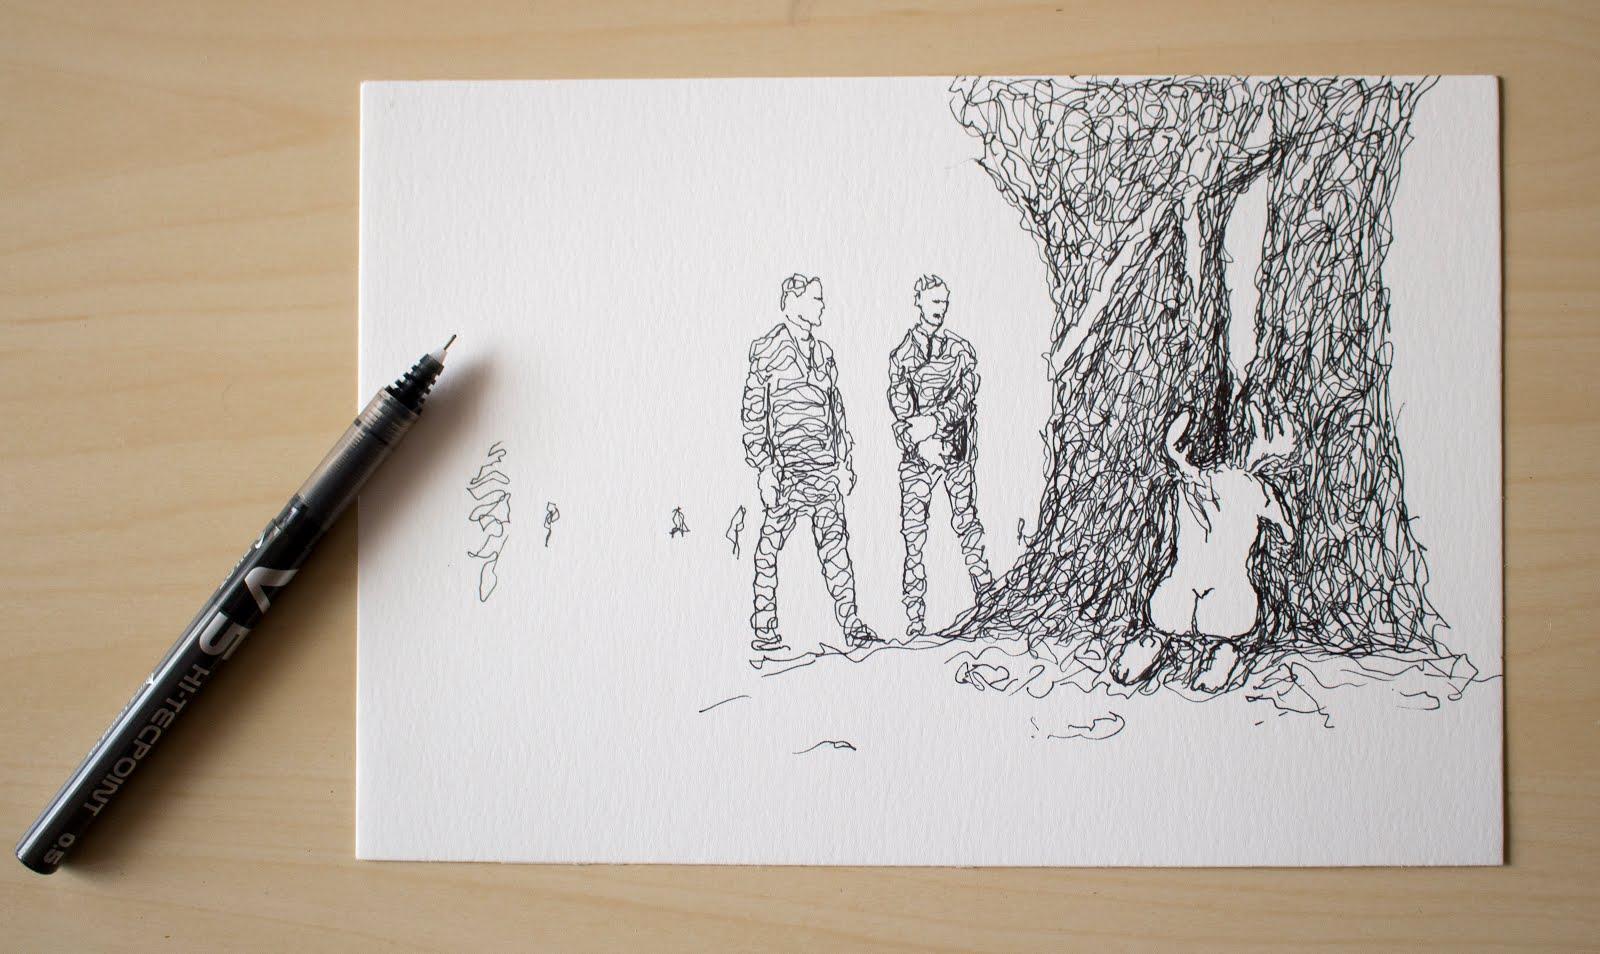 Ilustración creada por Pelayo Rodríguez sobre True Detective